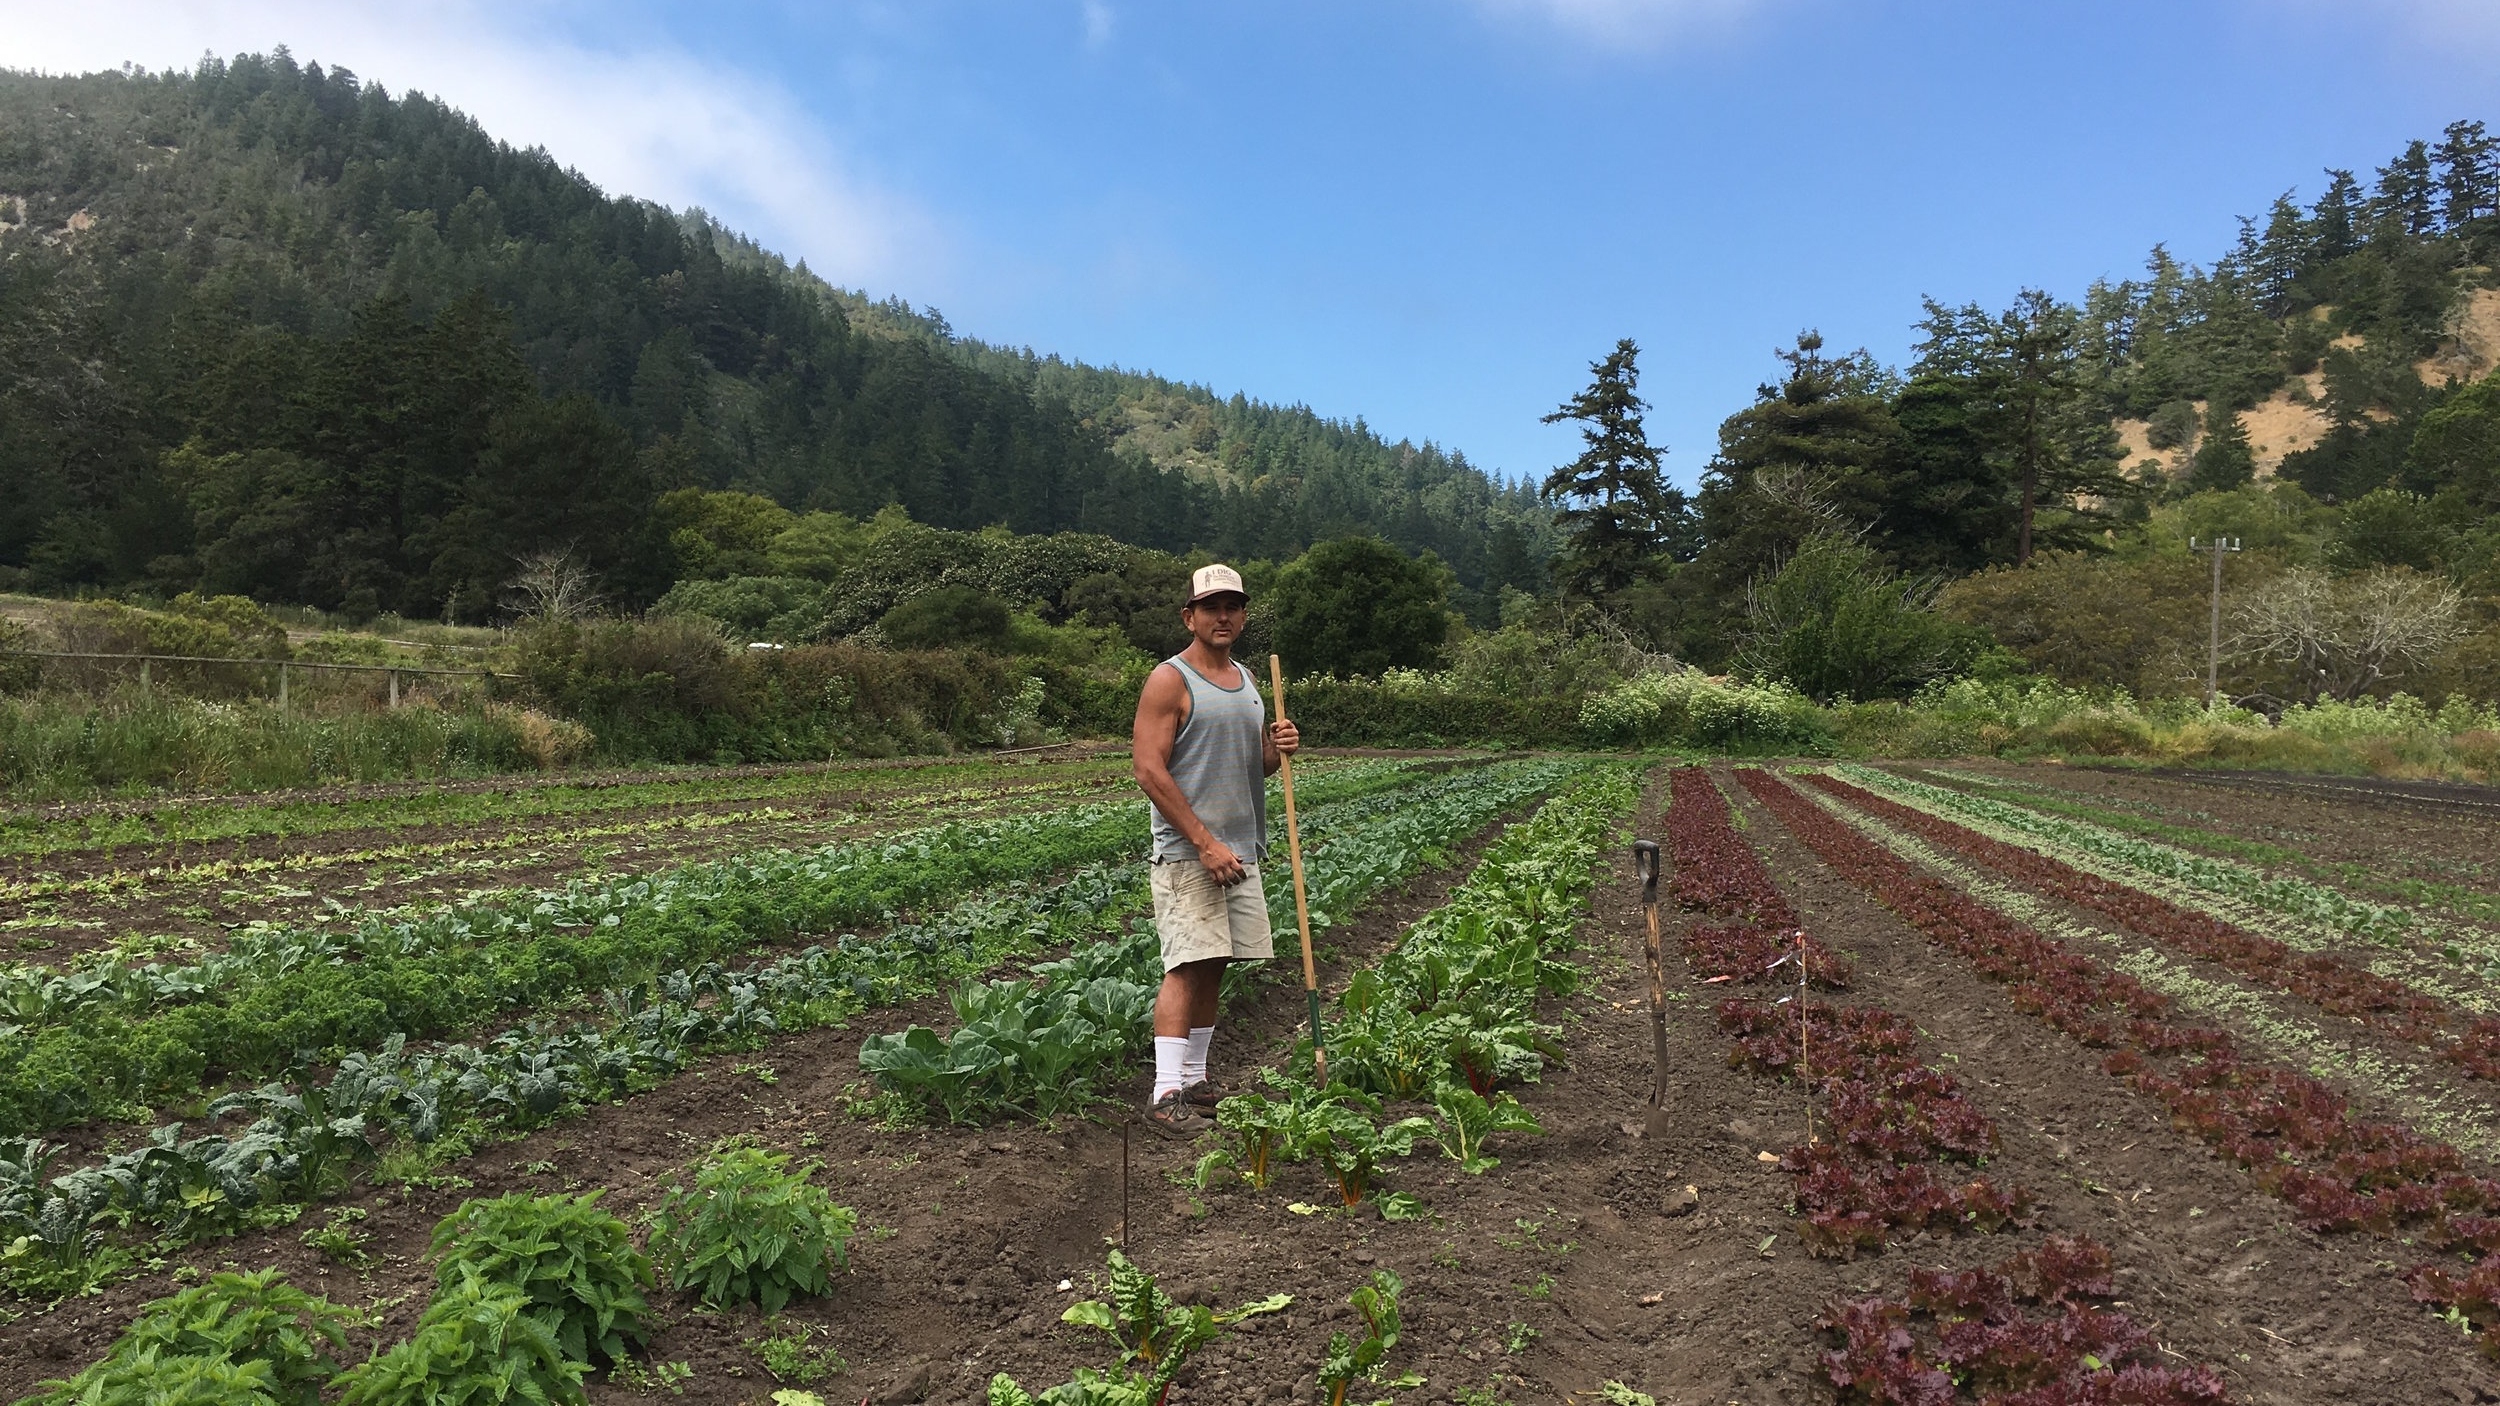 Regenerative Agriculture -